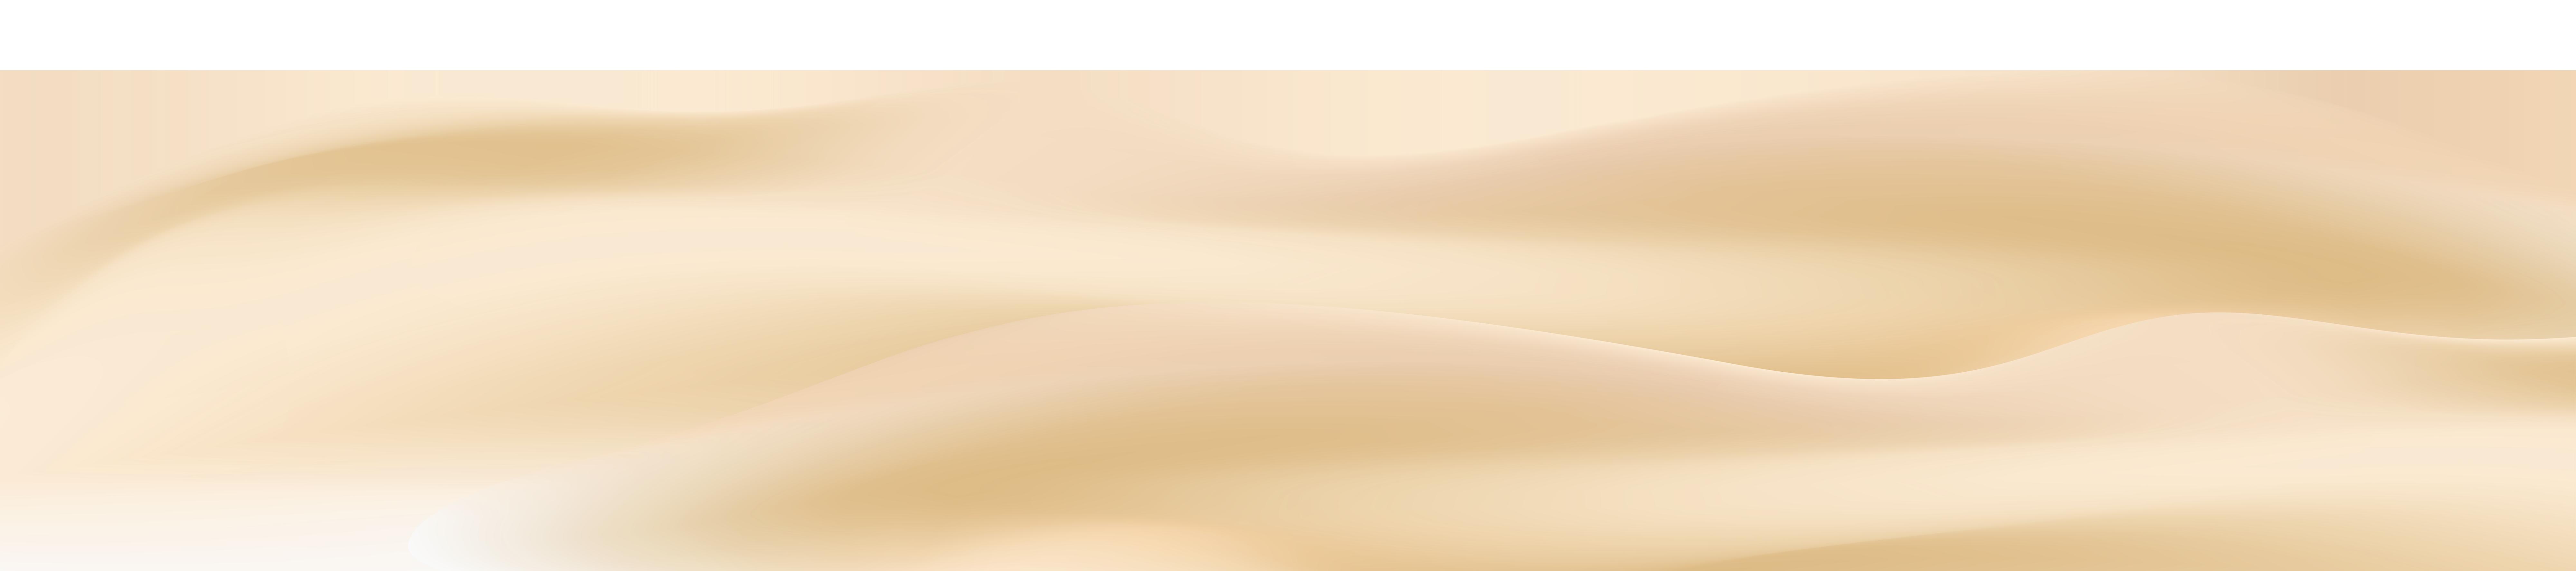 Sand clipart Pinterest Image Art  Clip